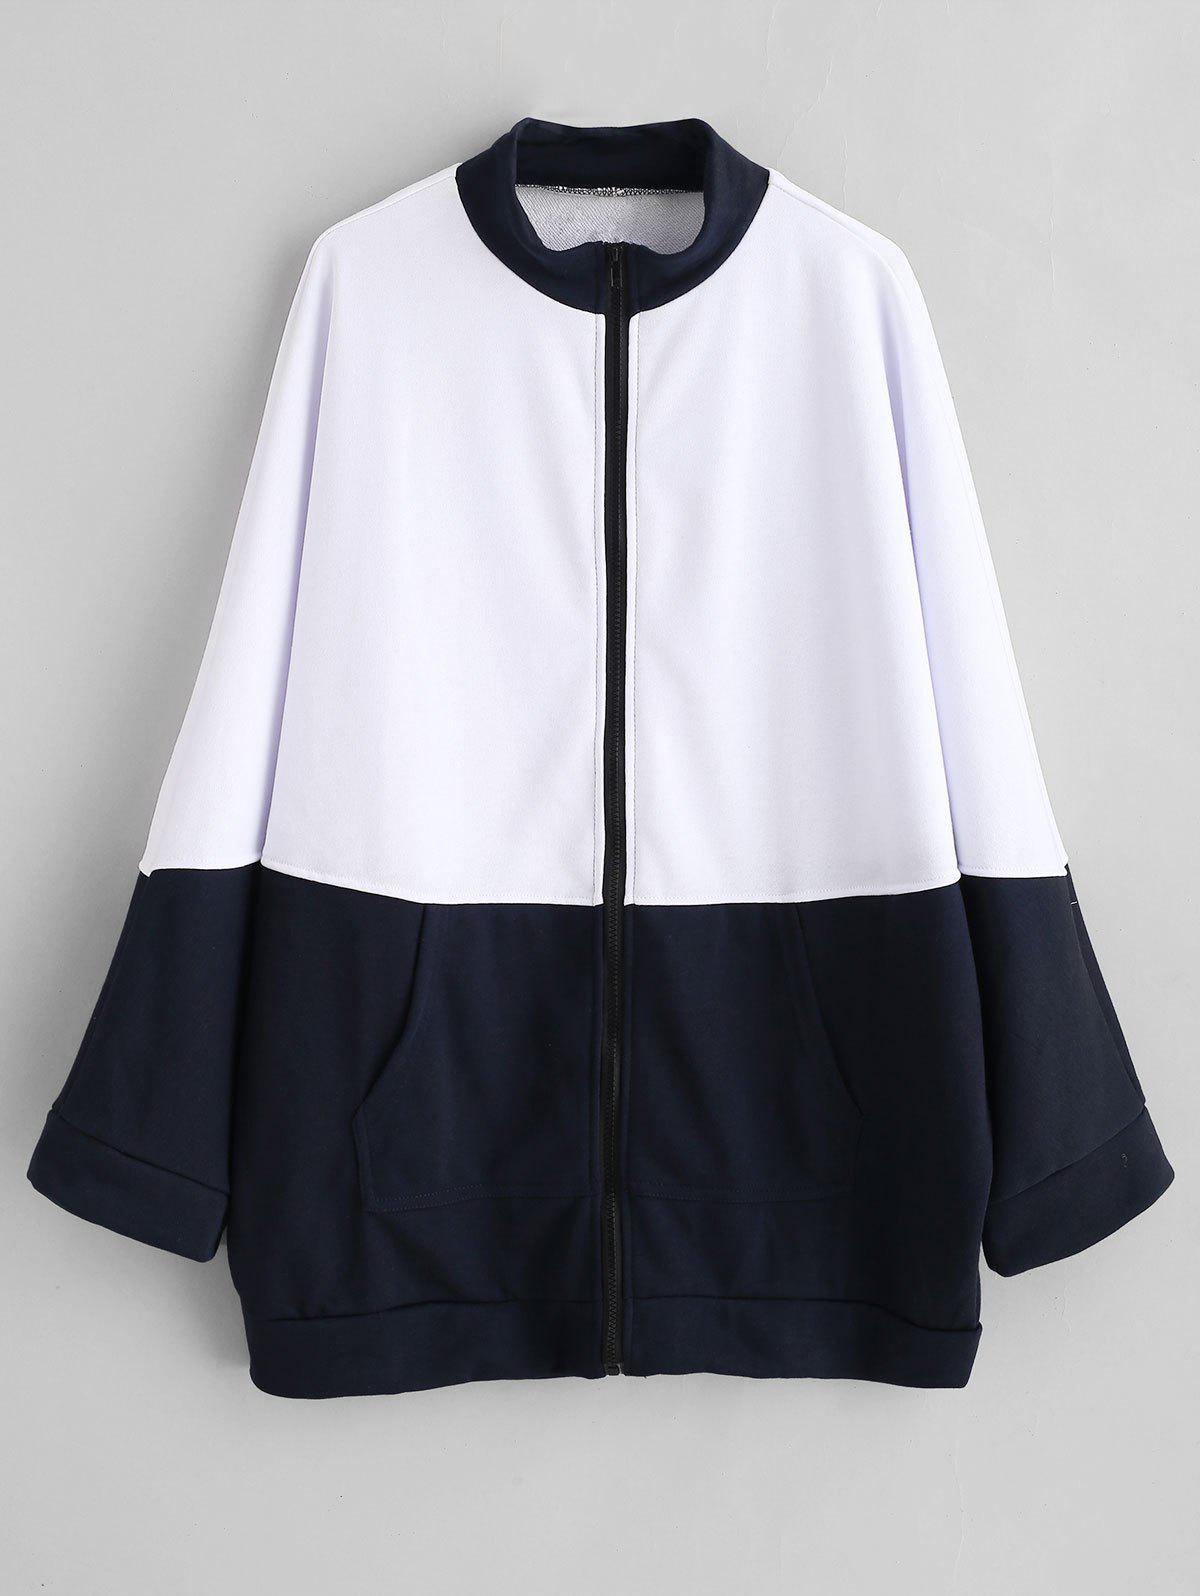 Oversized Two Tone Zip Up Sweatshirt